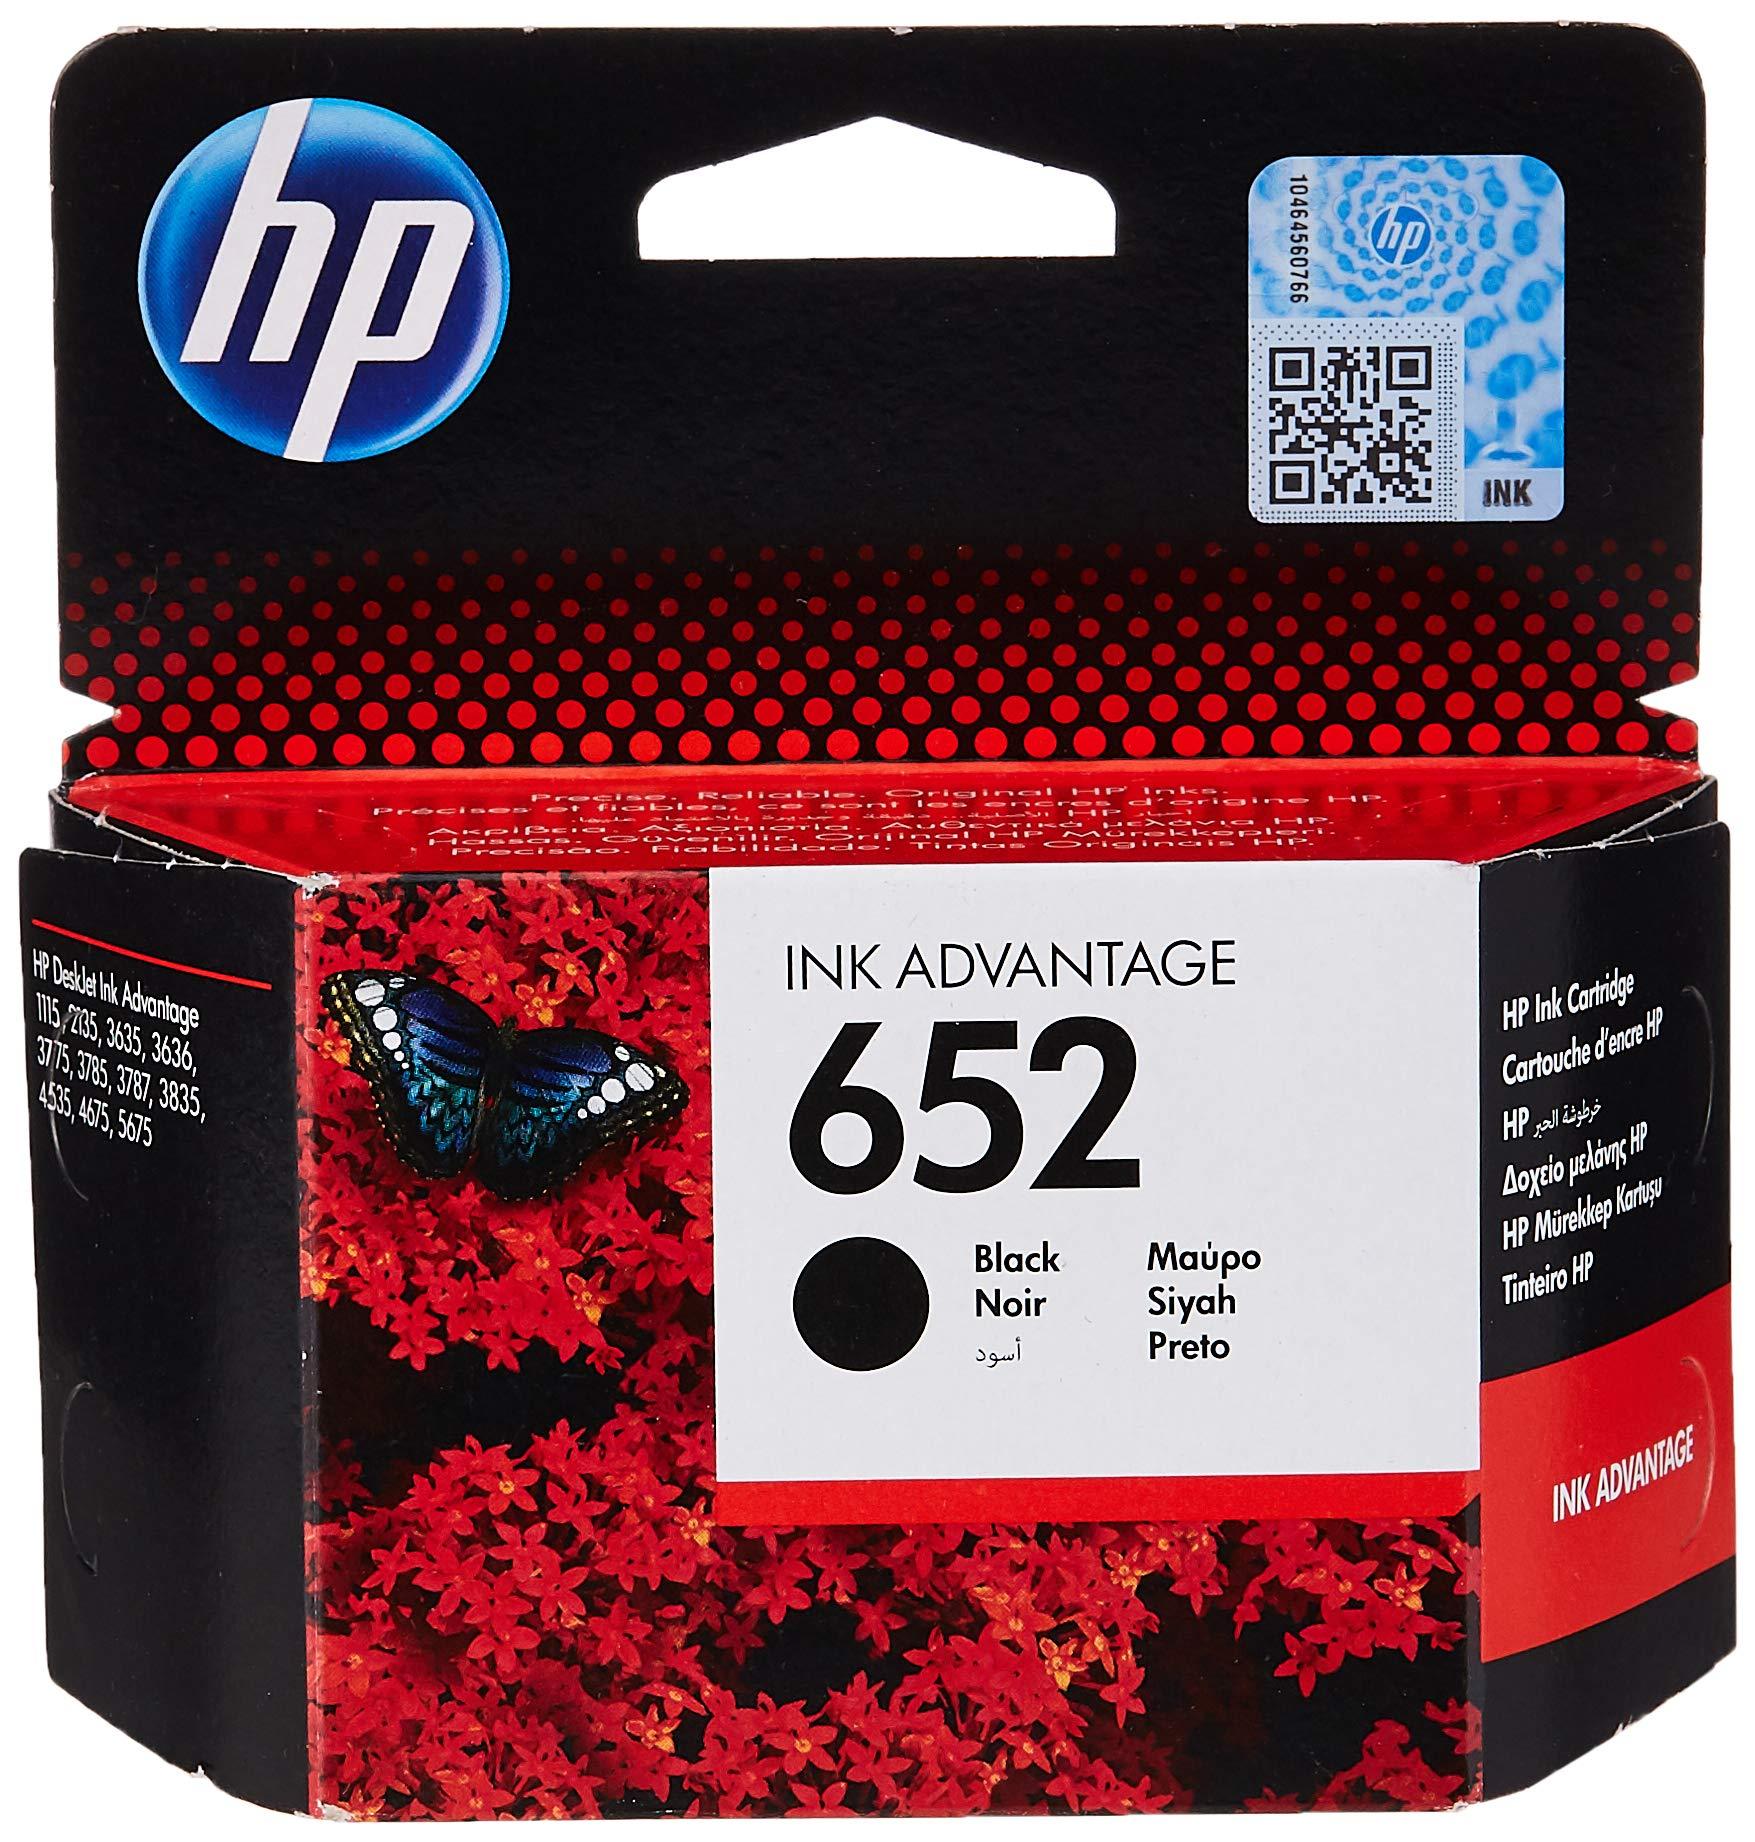 HP F6V25AE 652 Black Ink Cartridge